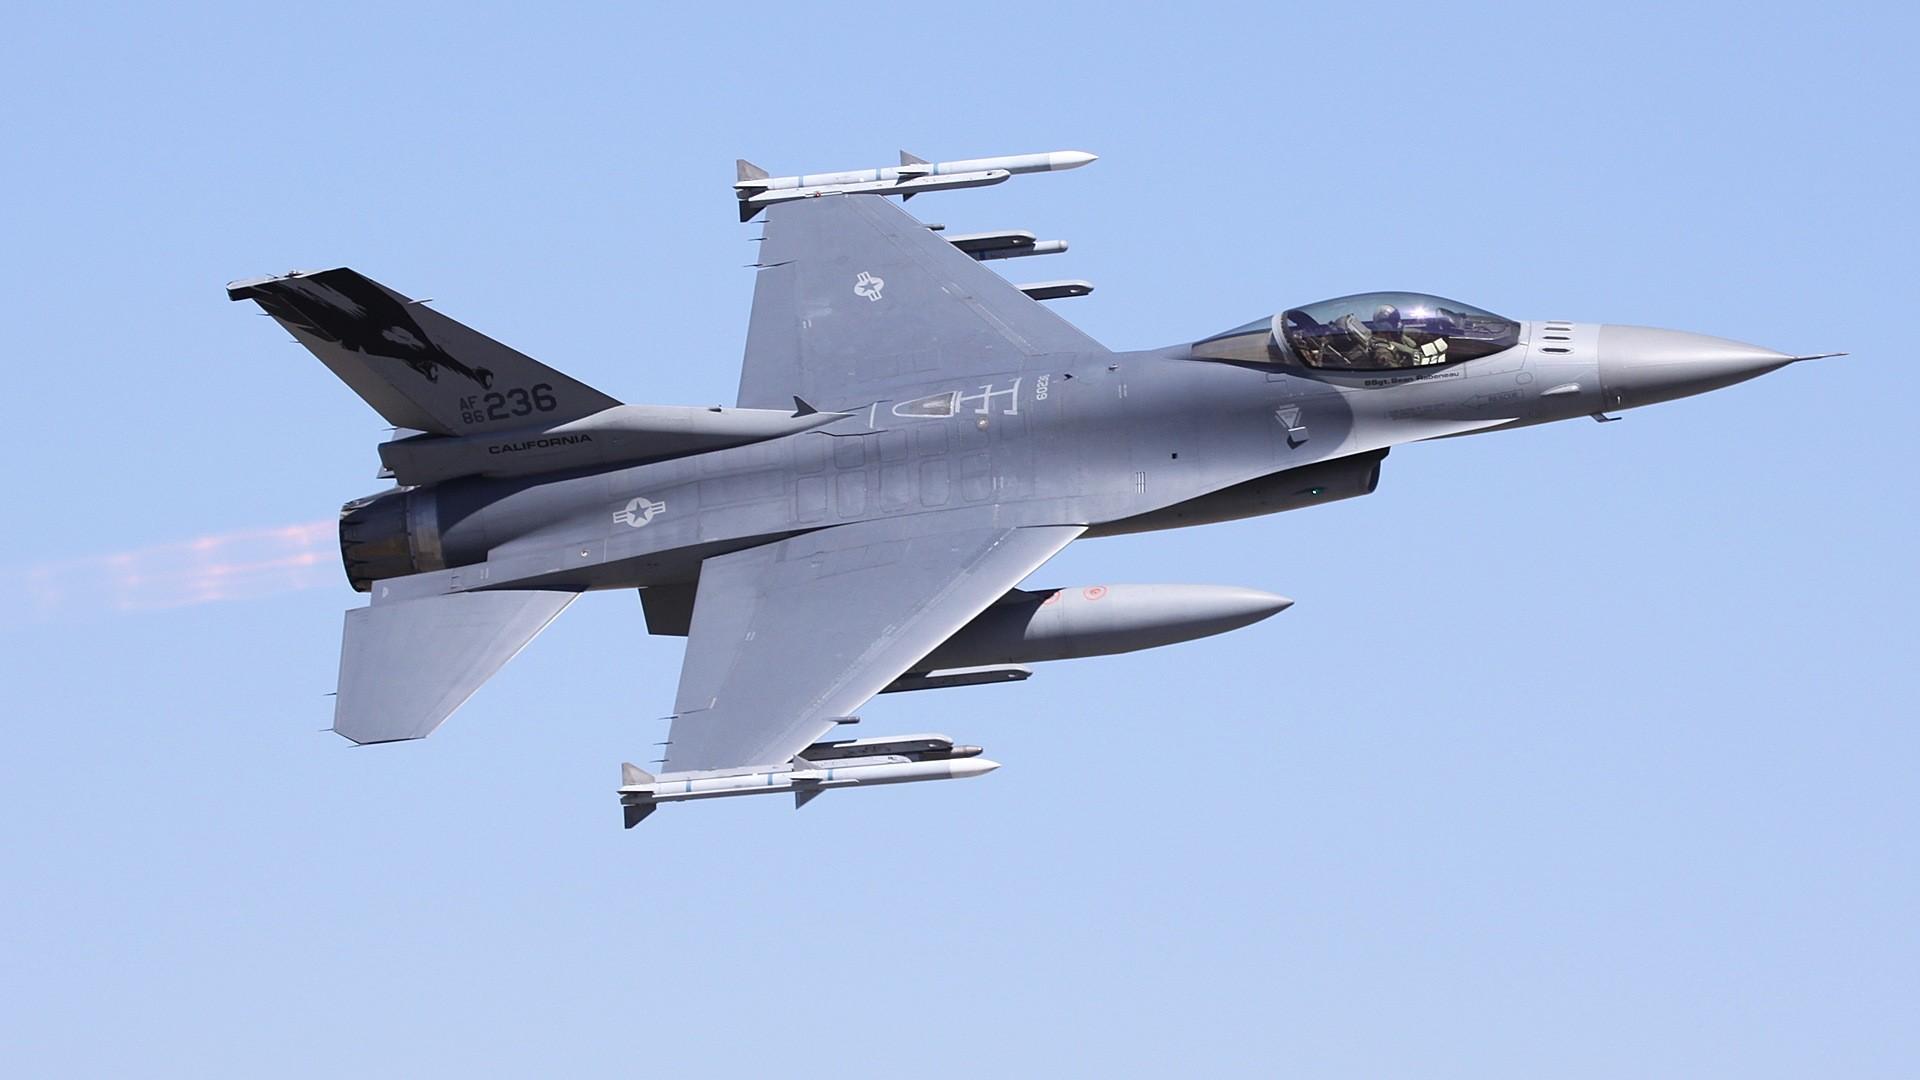 … F-16 Fighting Falcon …